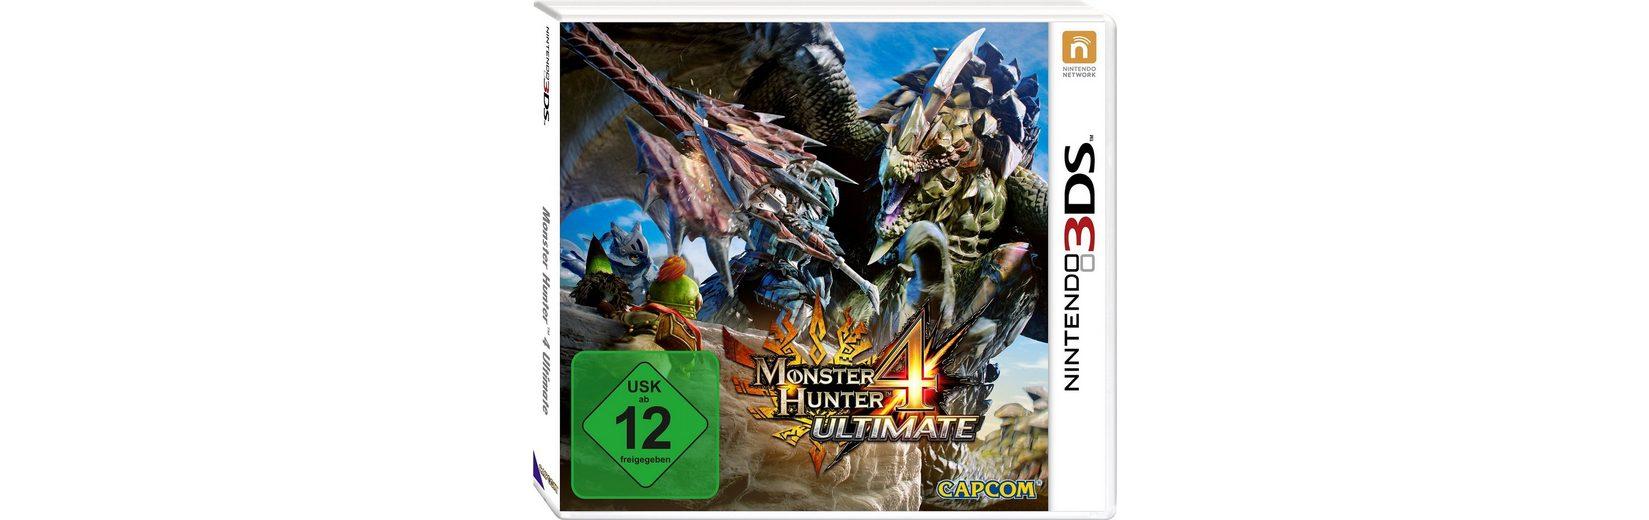 Monster Hunter 4 Ultimate Nintendo 3DS